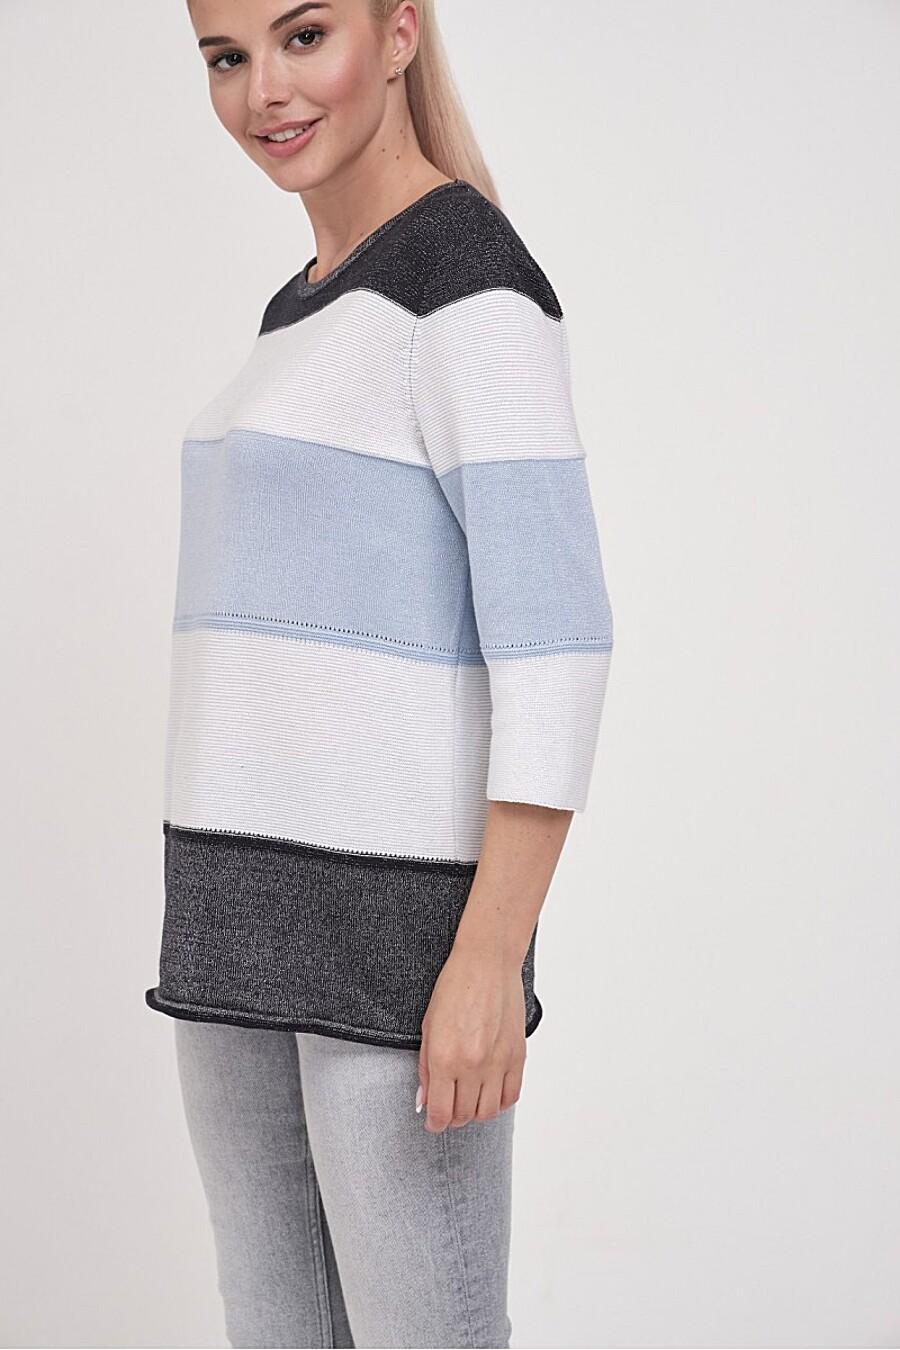 Джемпер MARIMAY (238672), купить в Moyo.moda